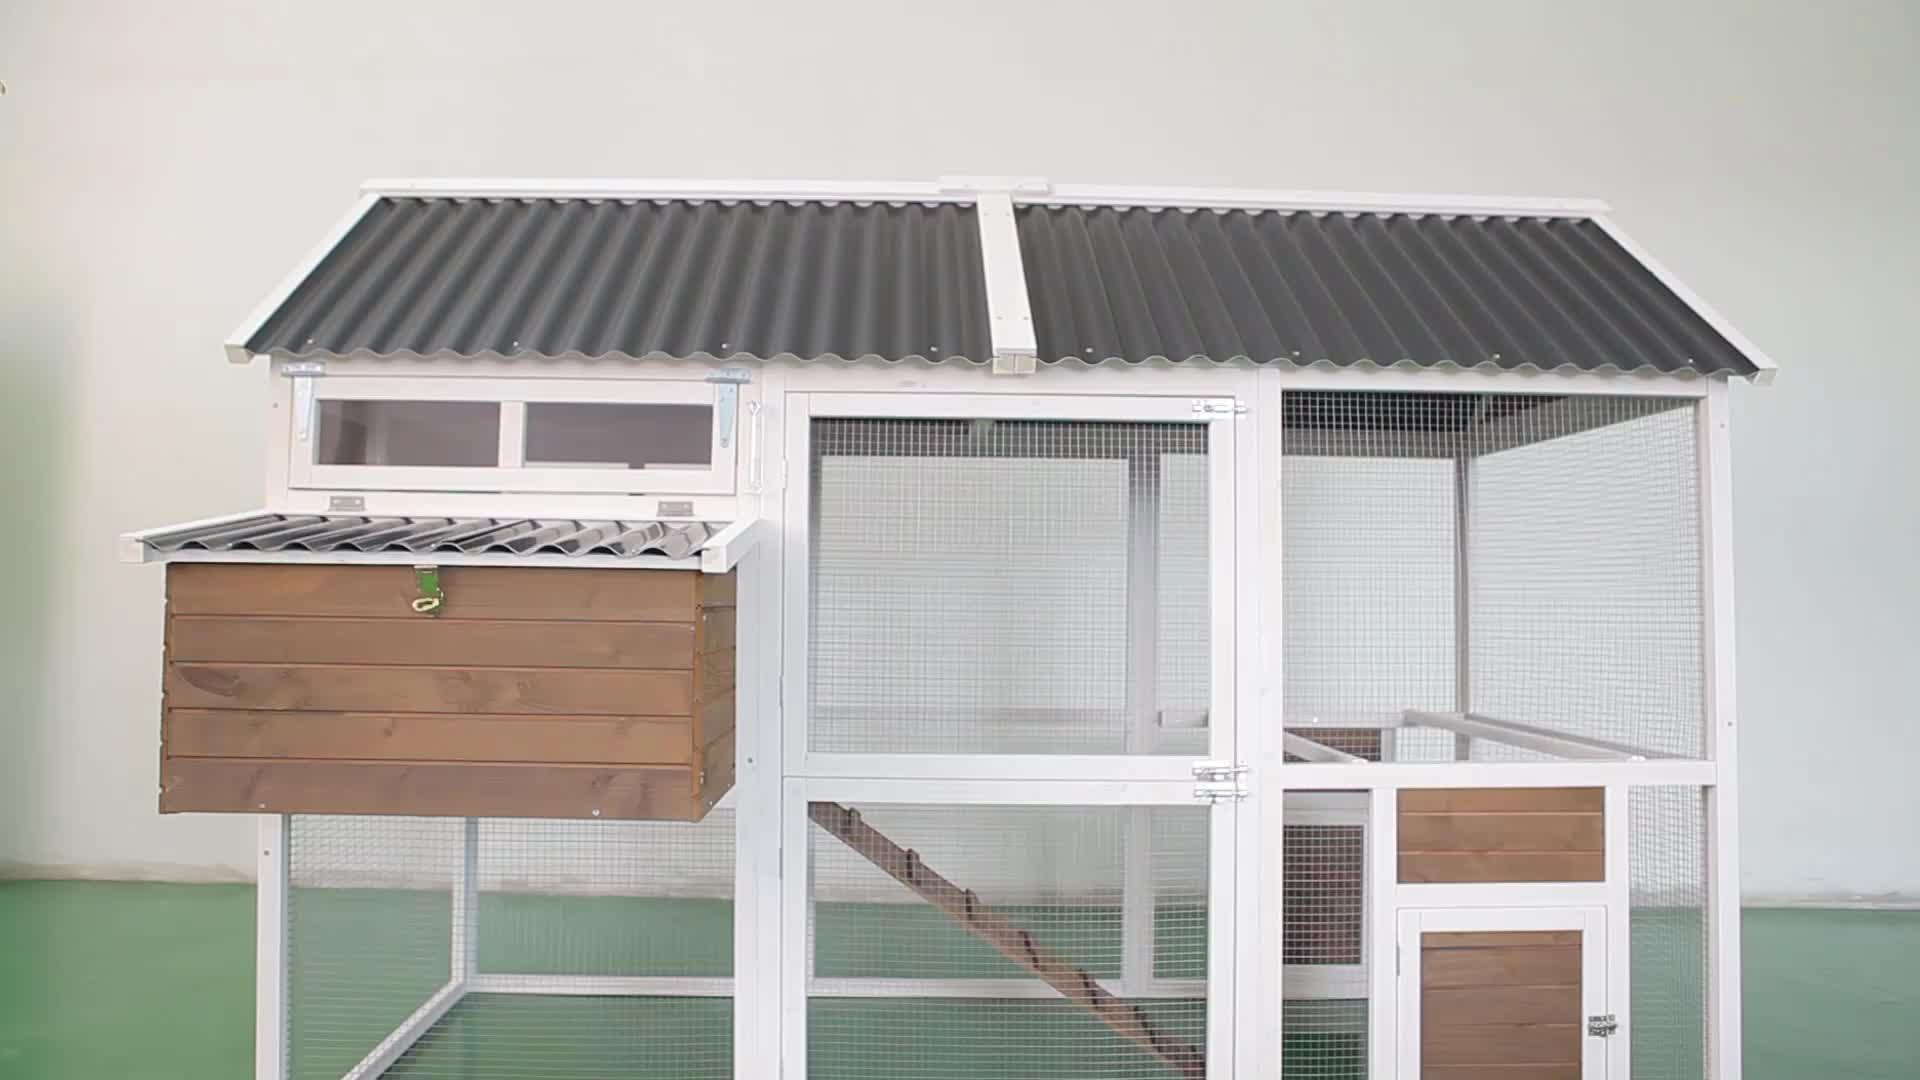 Diseño al aire libre barato móvil pollo coop de capa de pollo jaula con doble cajas nido